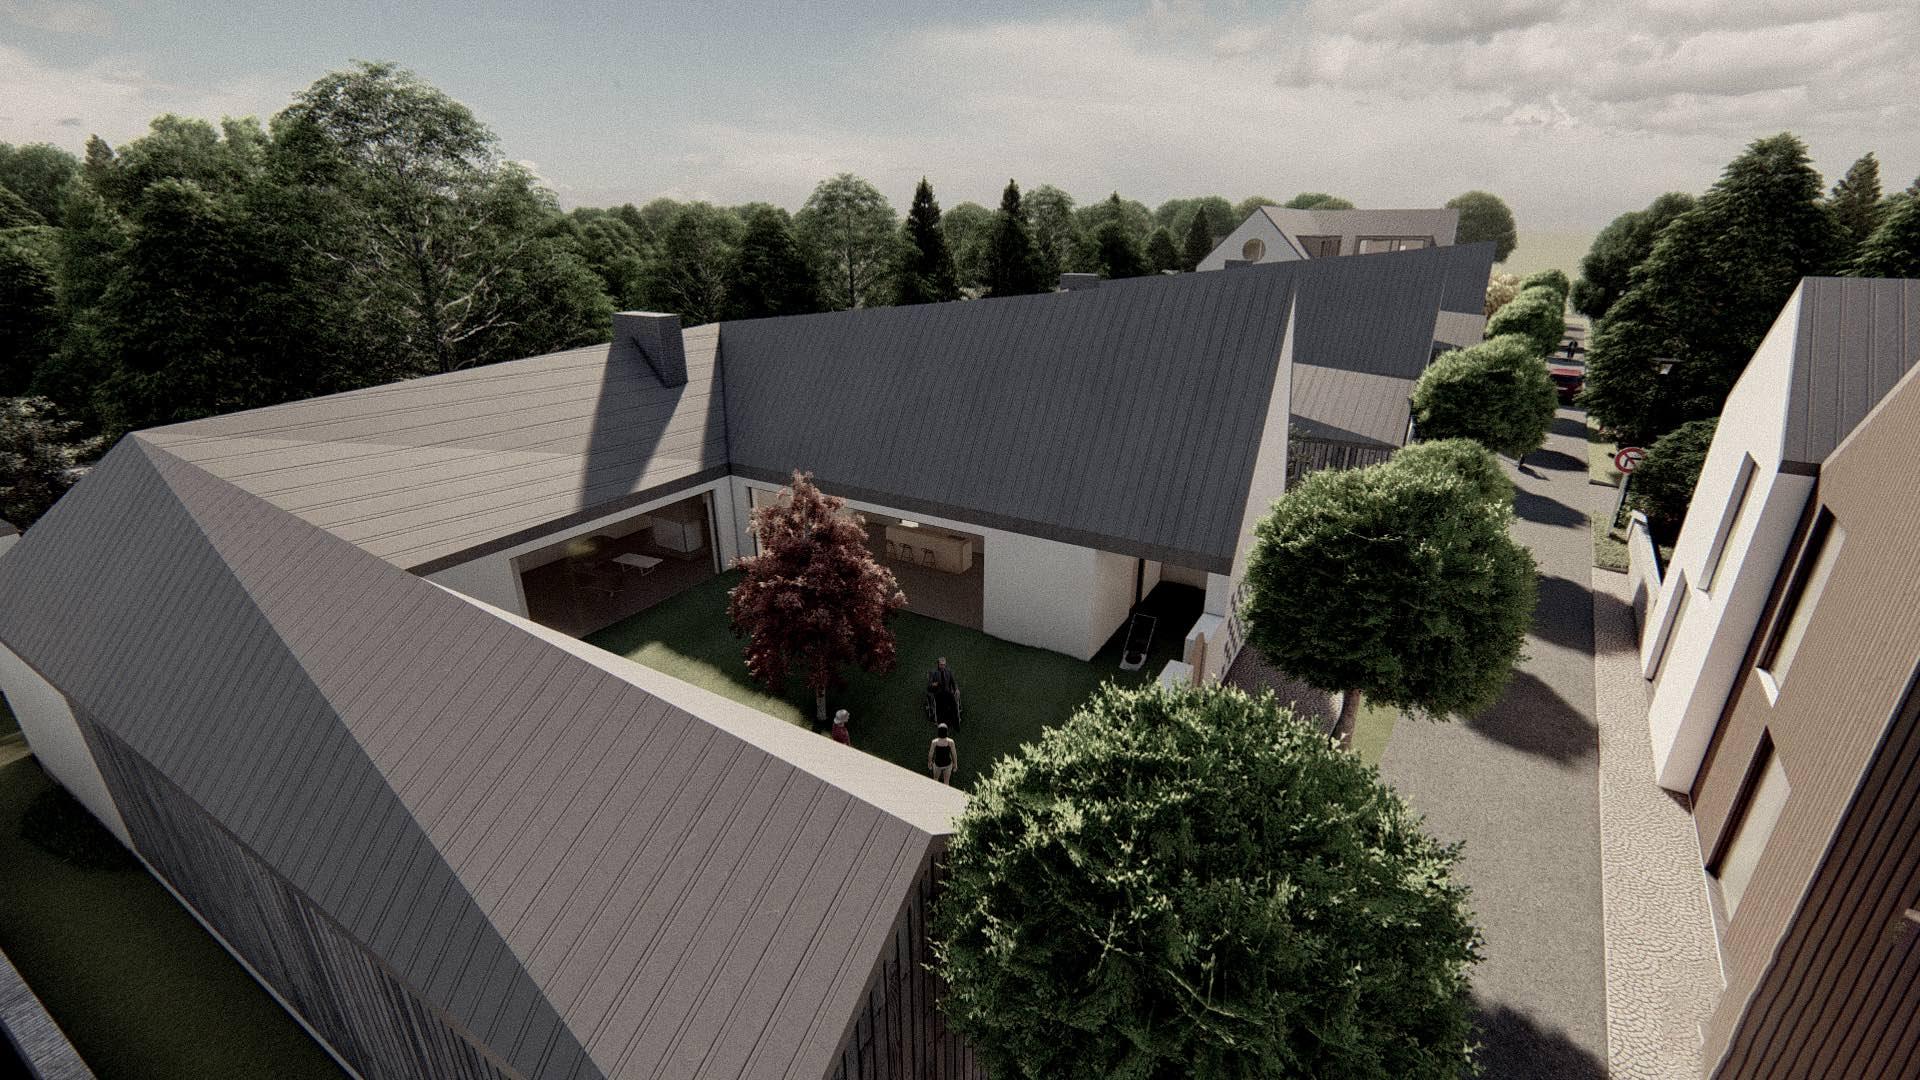 Rezidence Jenerálka KKCG - vizualizace - rodinného domu (statek). Autor: Kurz architekti